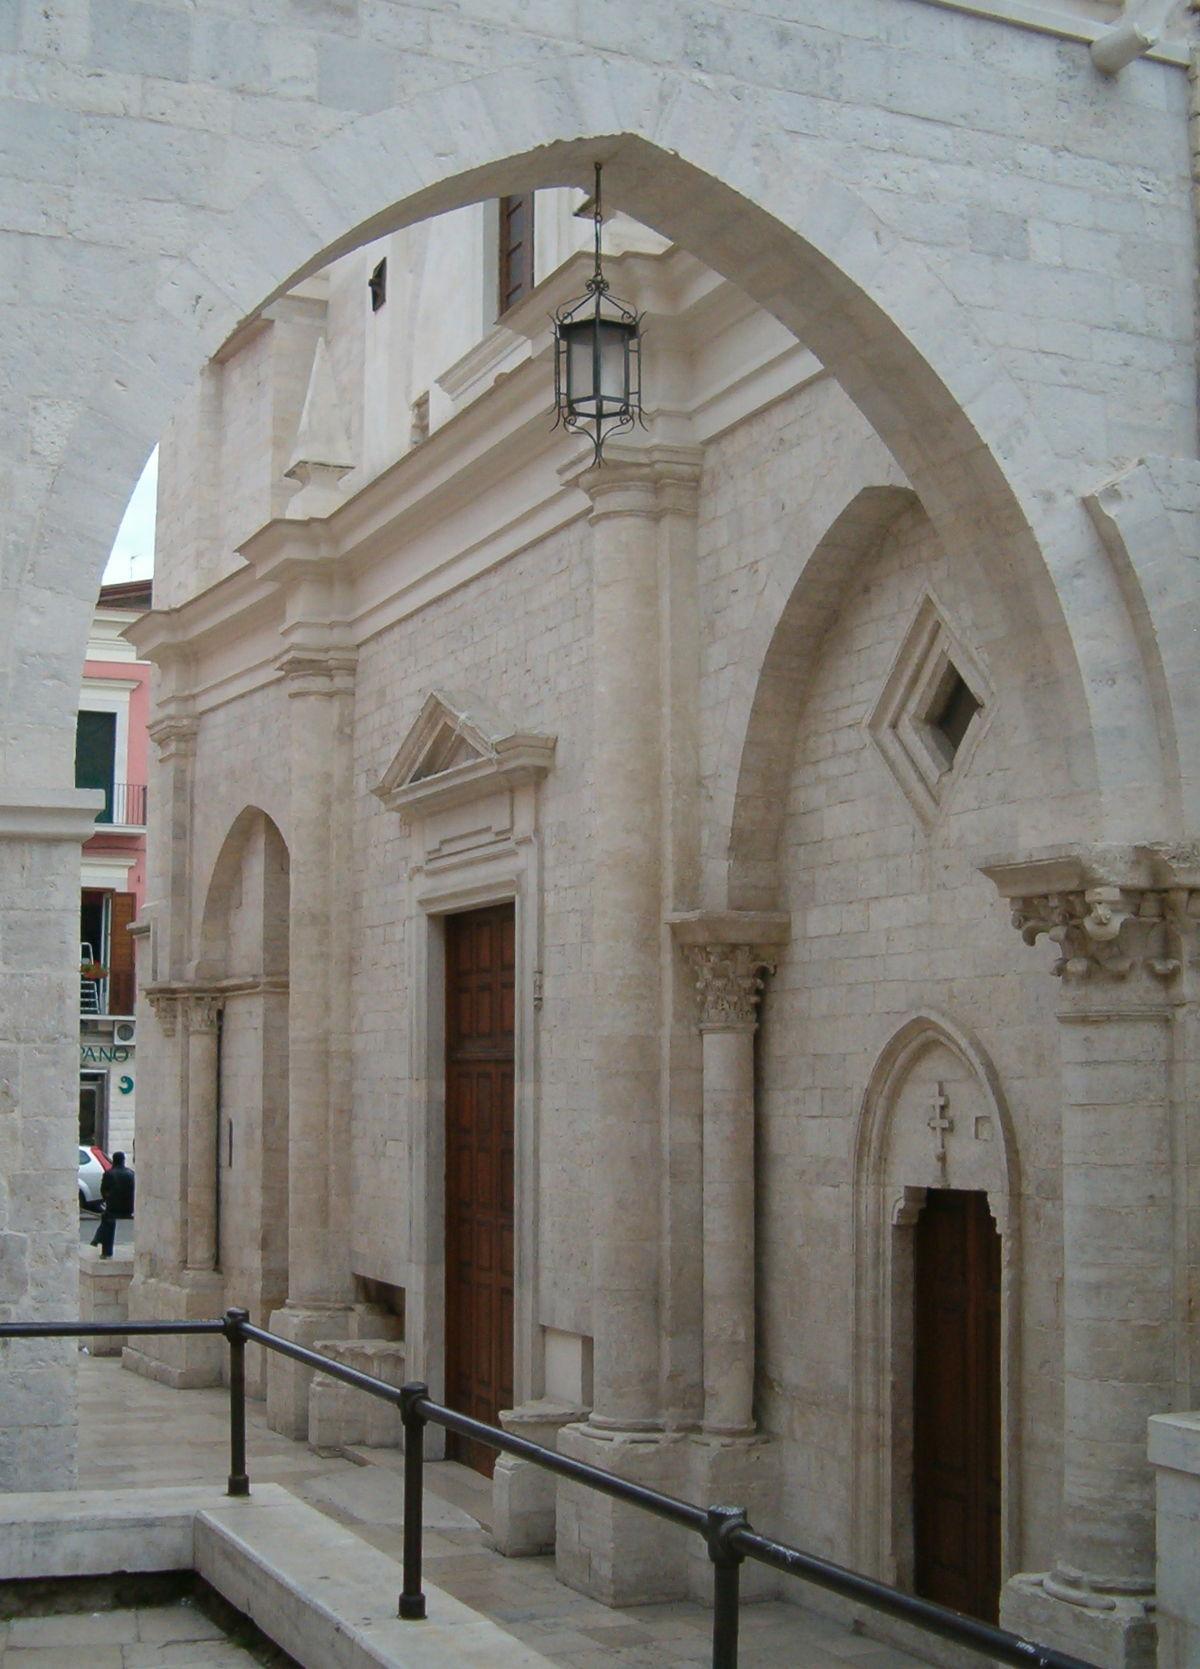 Tesoro della basilica del Santo Sepolcro - Wikipedia